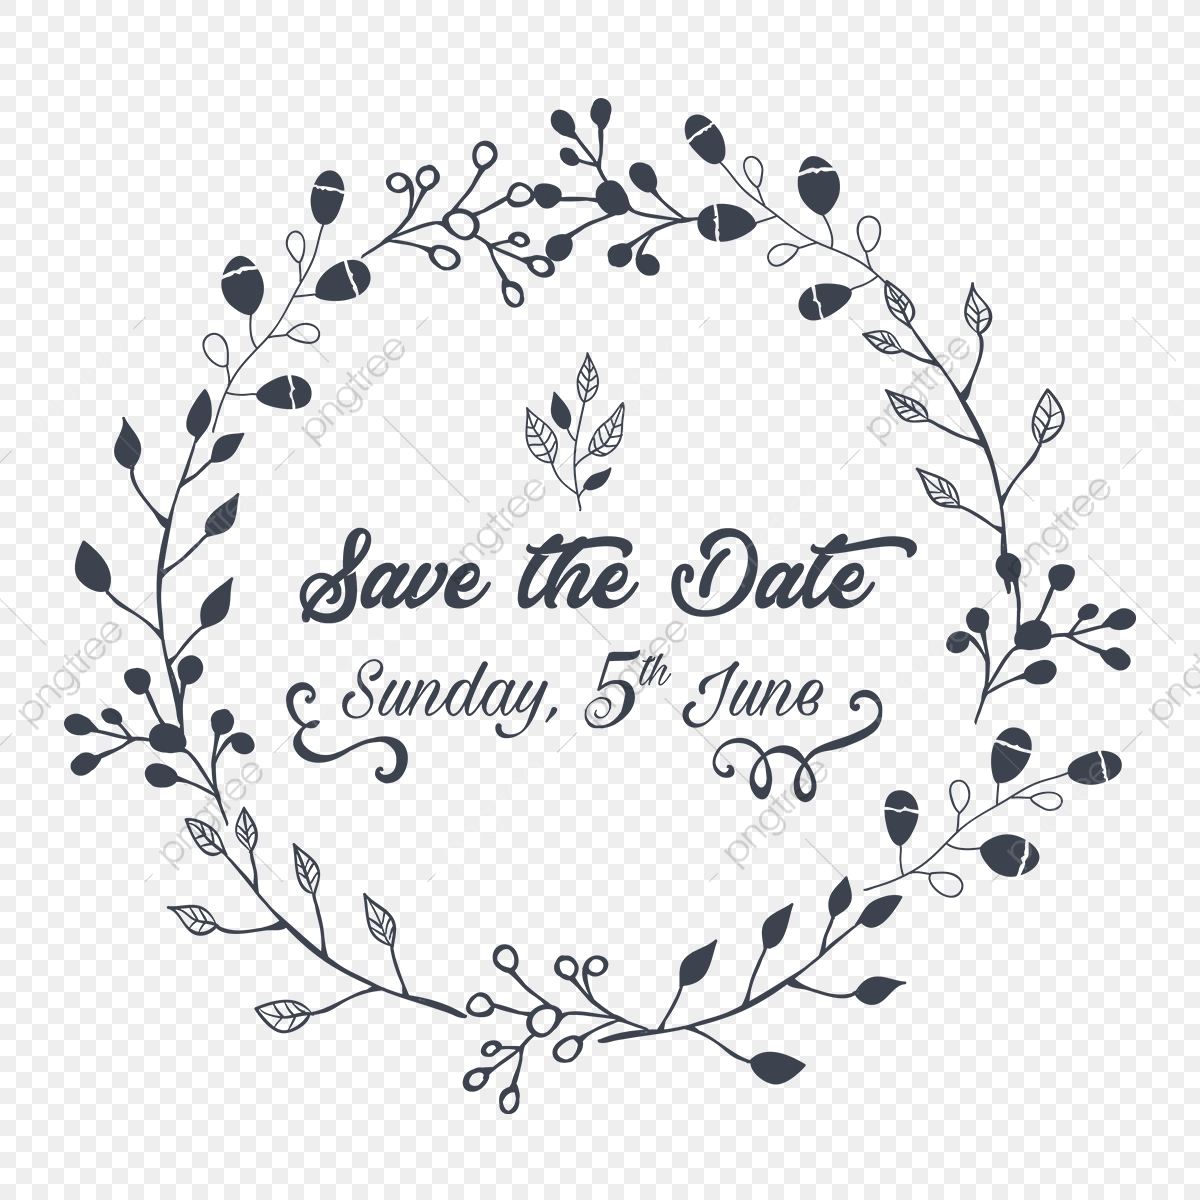 結婚式の招待日のイラストを保存, 結婚式の招待状、ビンテージ